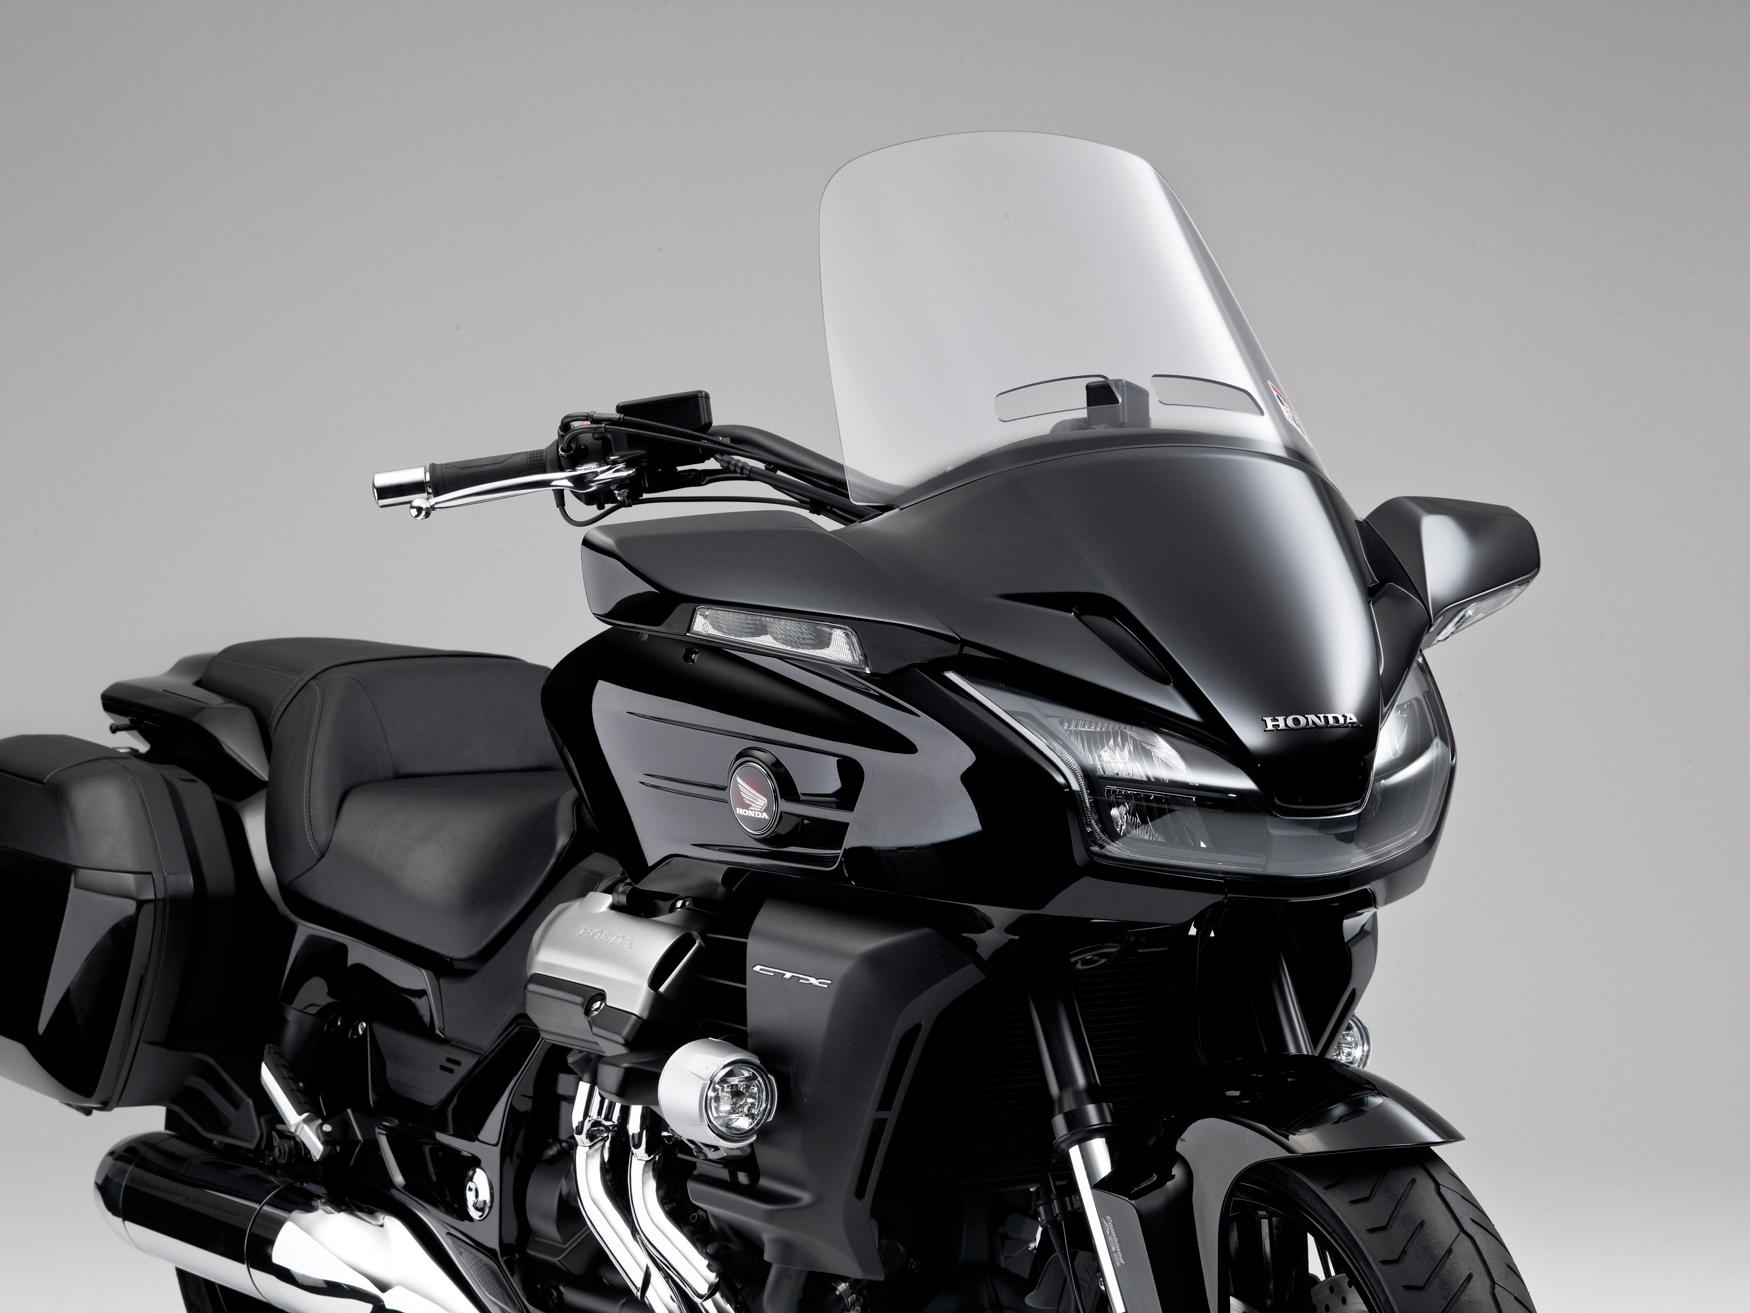 Honda Cbr 600 For Sale >> Honda CTX 1300 (BJ 16-) | Honda | MOTORRADZUBEHÖR | RWN-Moto.de | Motorrad-Zubehör, Ersatzteile ...